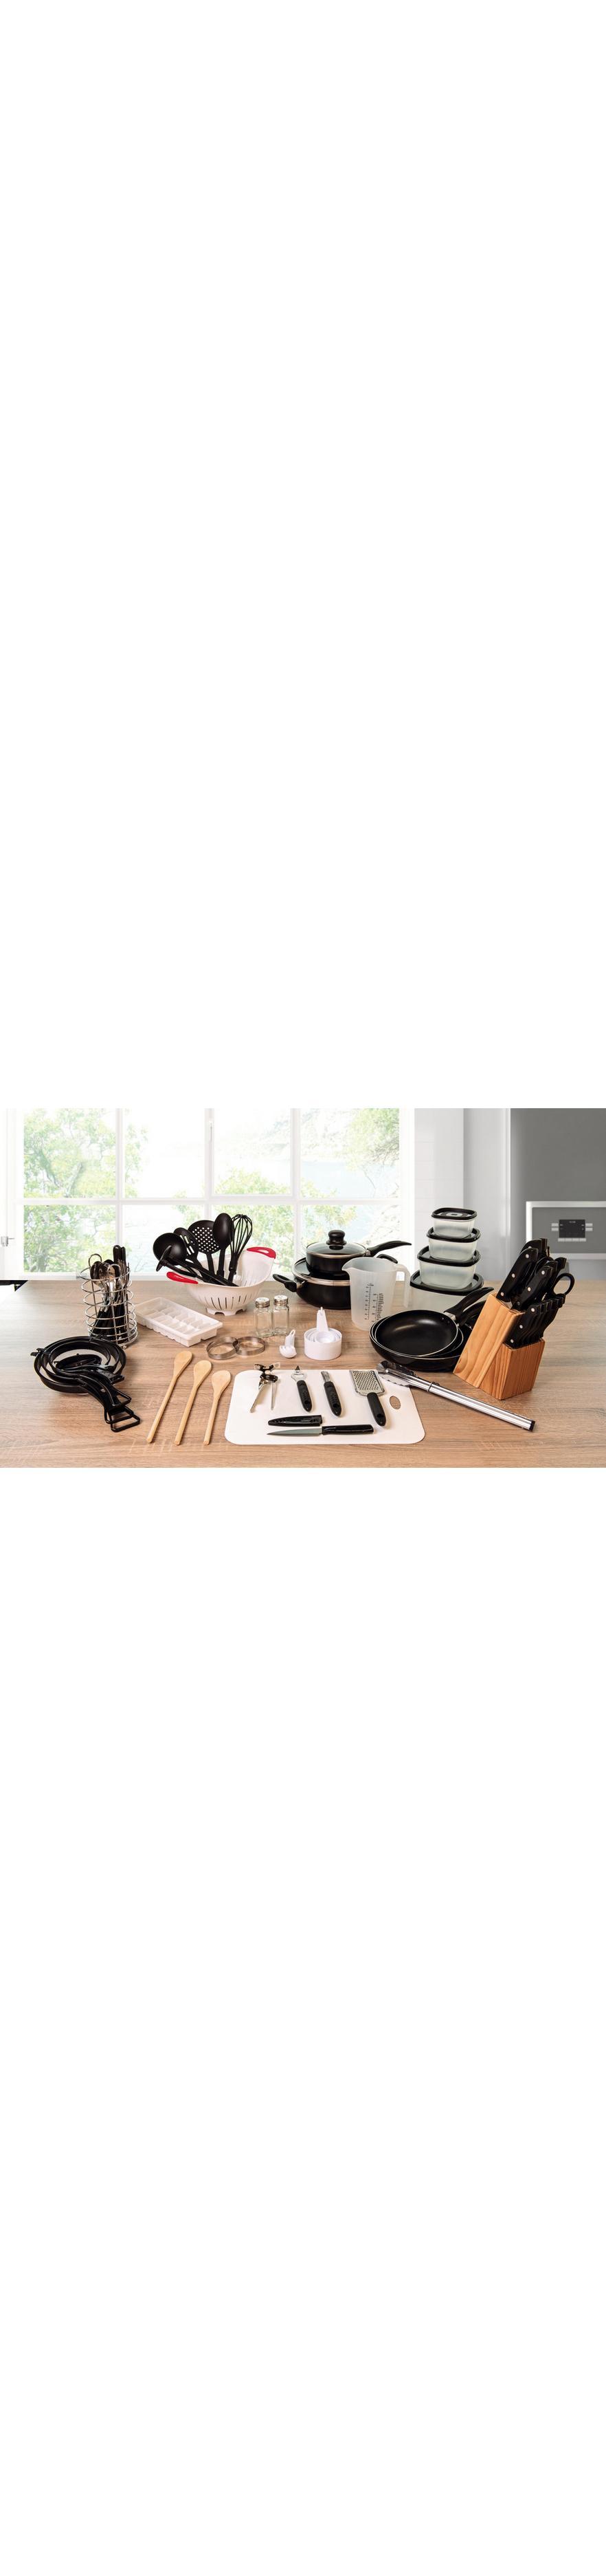 Küchen-Starterset 17 teilig